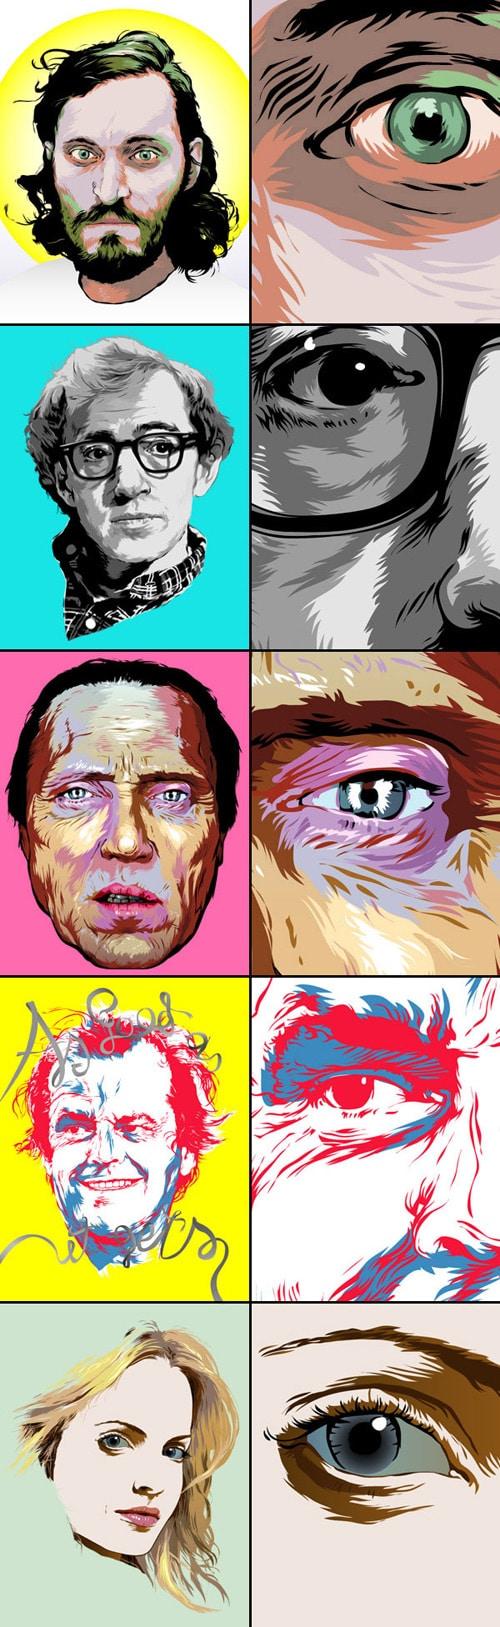 Vector Movie Posters by Grzegorz Domaradzki